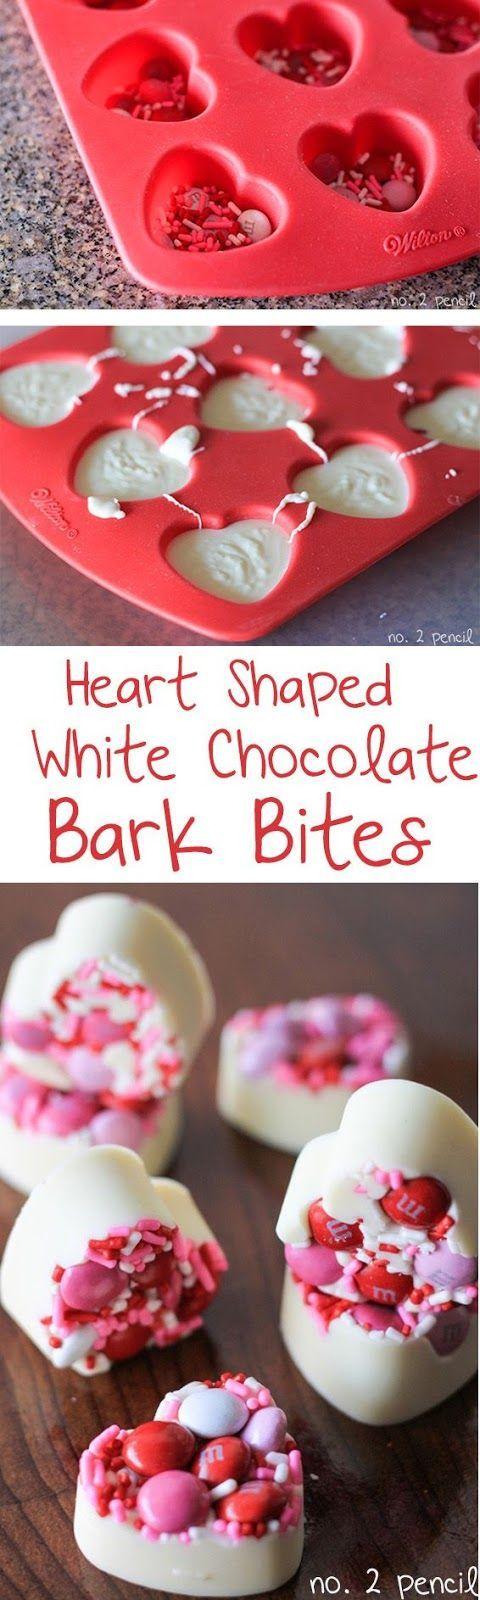 Ricette originali in una foto: cioccolatini a cuore per S.Valentino (facilissimi)...